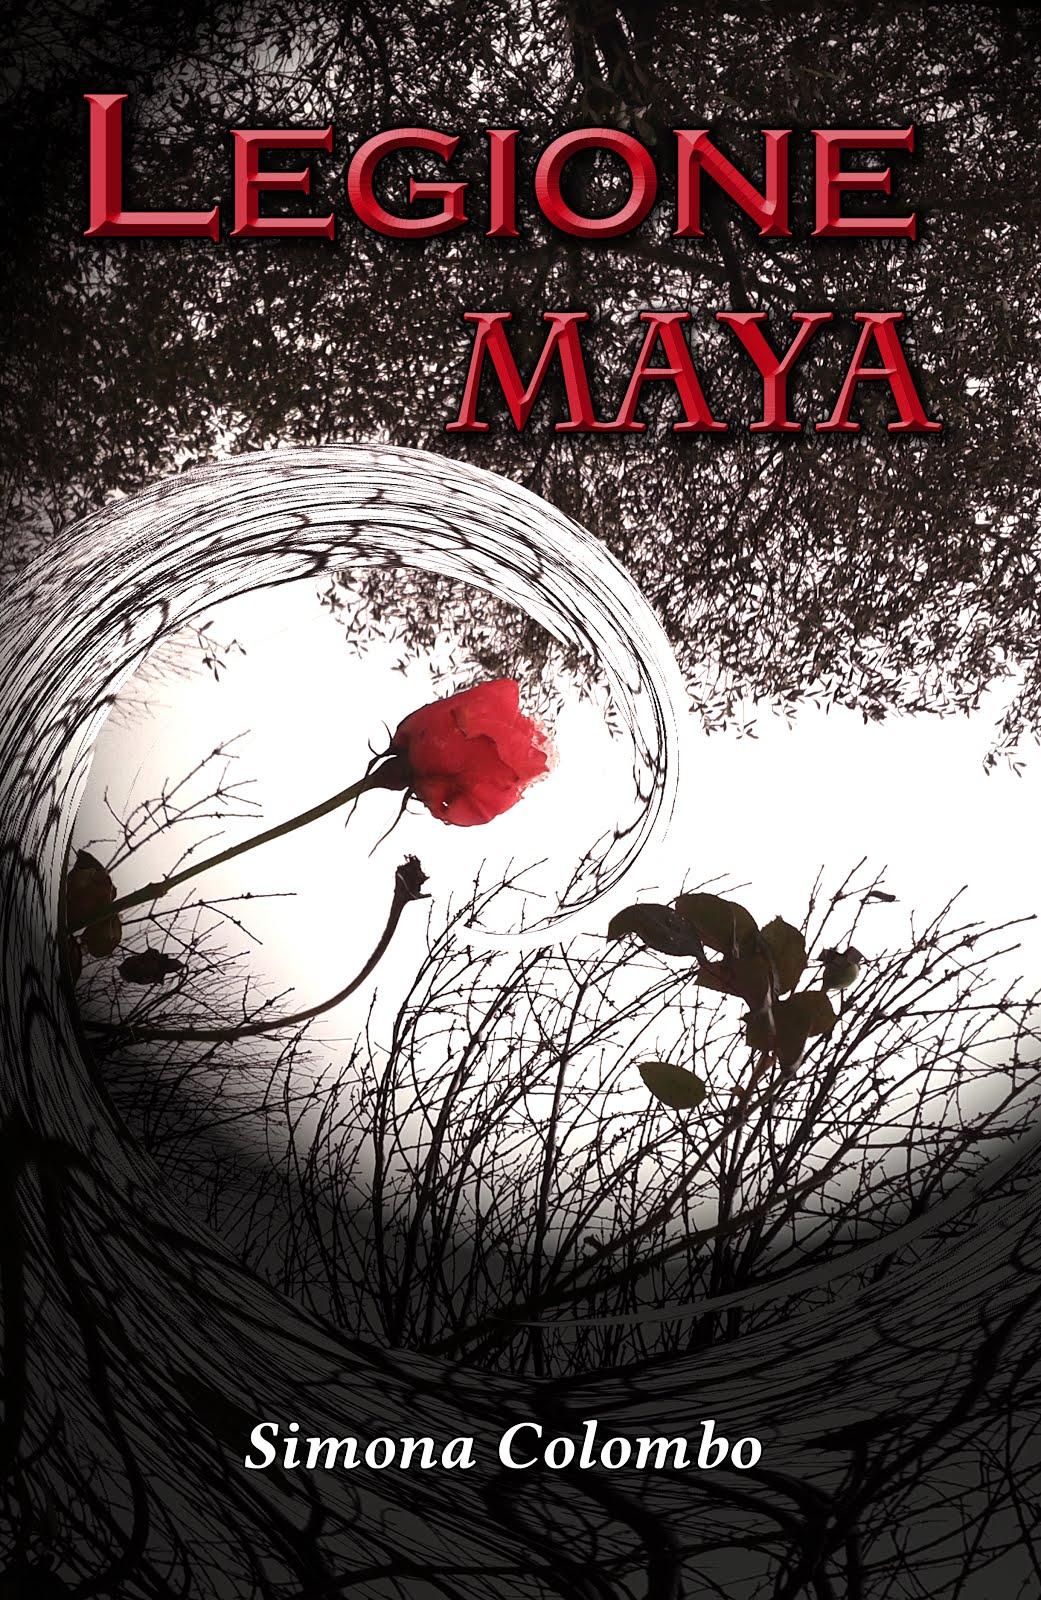 Legione - Maya